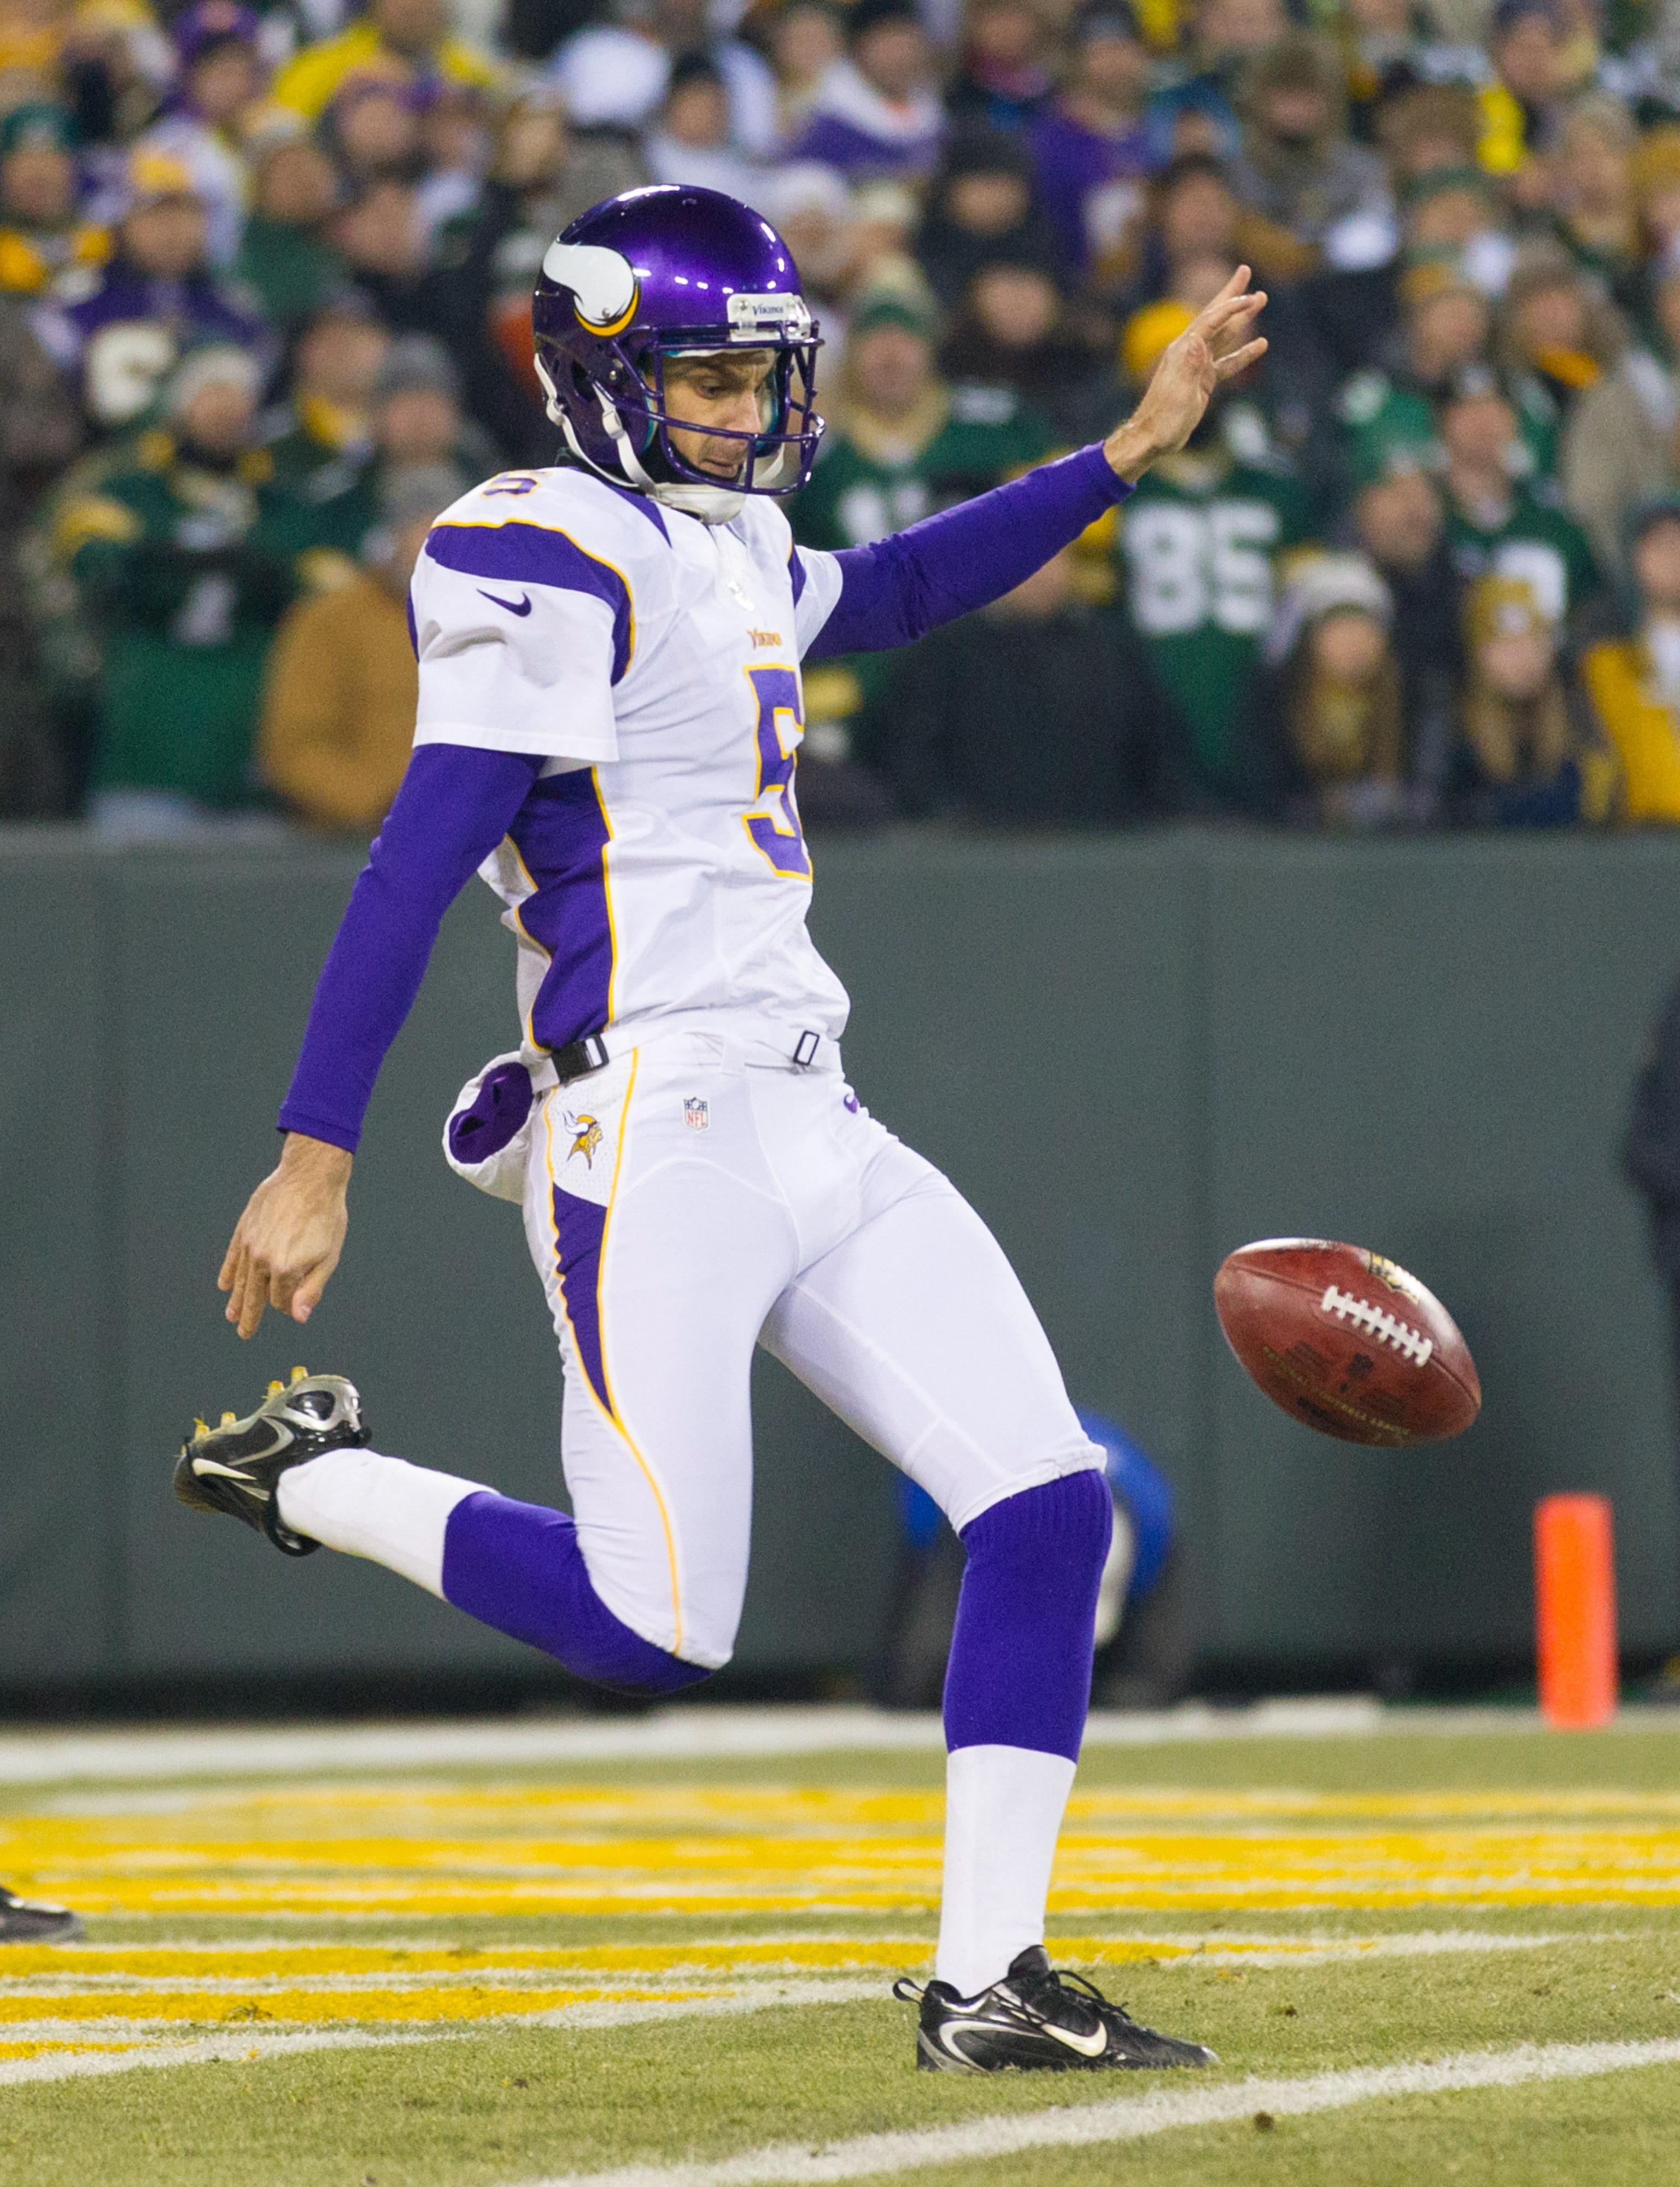 Minnesota Vikings punter Chris Kluwe